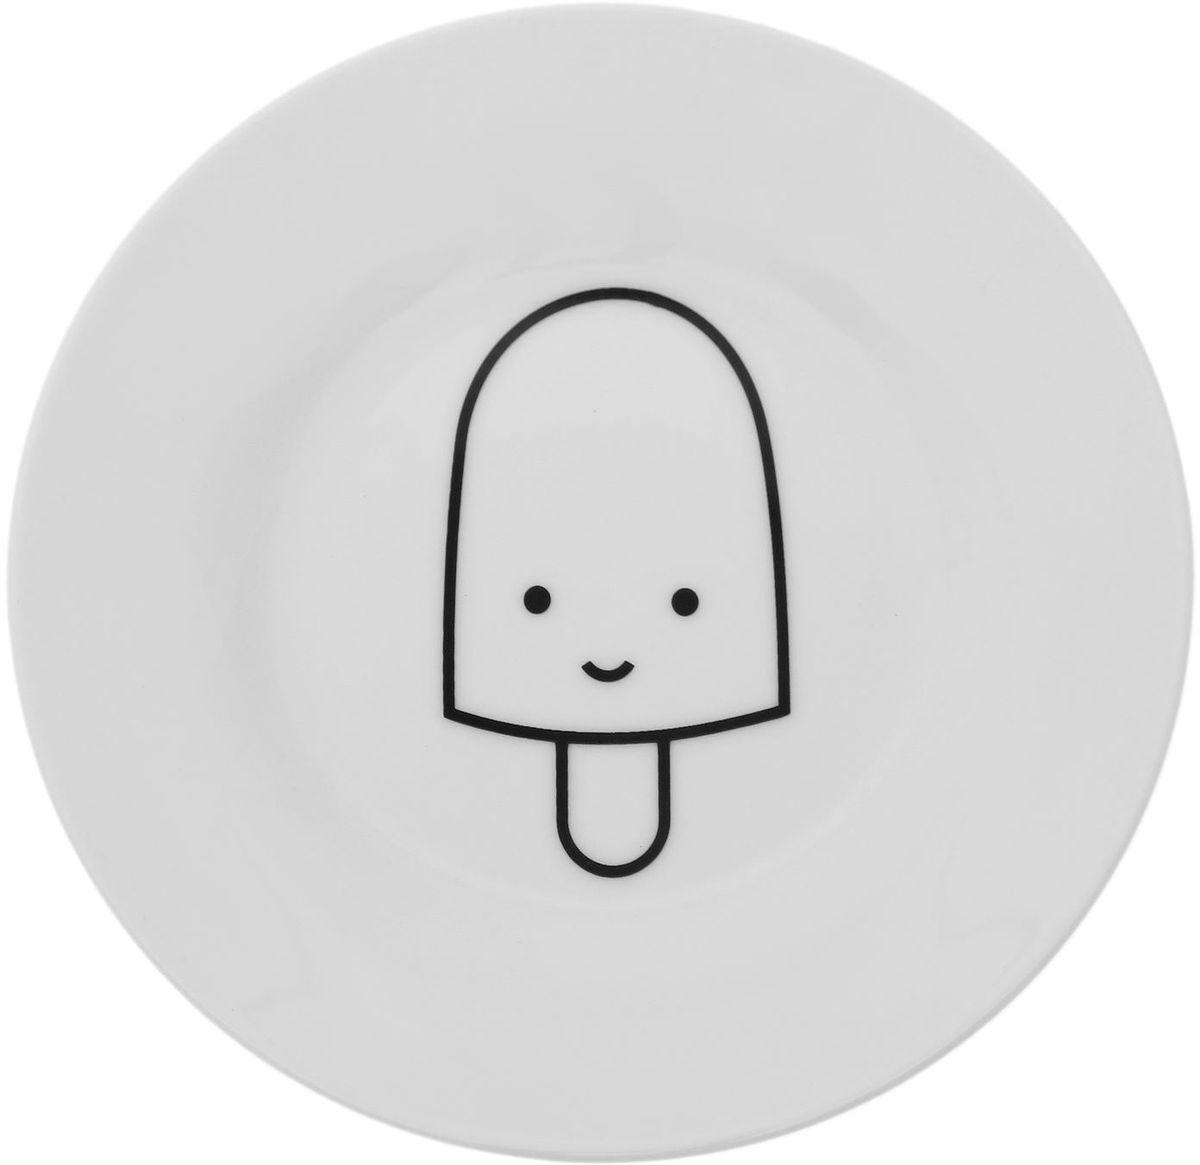 Тарелка мелкая Сотвори чудо My Little Ice Cream, диаметр 15,5 см1661822Хотите обновить интерьер кухни или гостиной? Устраиваете необычную фотосессию или тематический праздник? А может, просто ищете подарок для близкого человека? Посуда « Сотвори Чудо» — правильный выбор в любой ситуации. Её достоинства: изящный фаянс нежного сливочного цвета; стойкость краски; пригодность для посудомоечных машин.